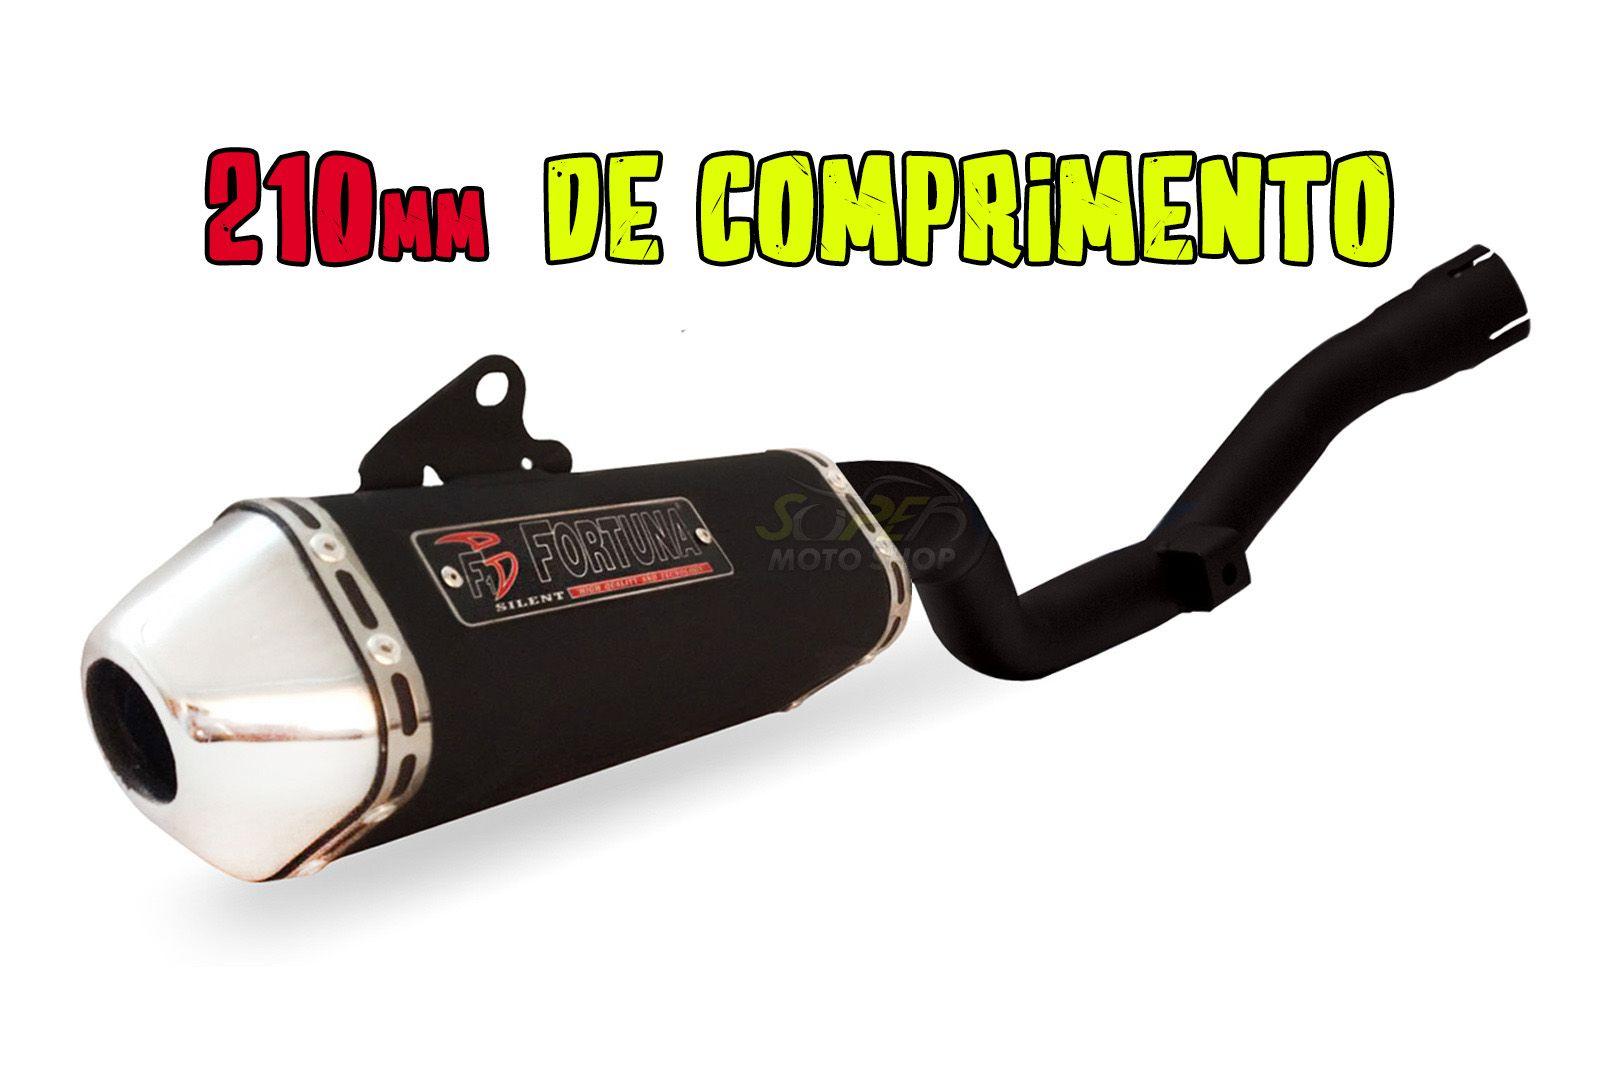 Escape / Ponteira Fortuna Modelo F1 MINI Tri 210mm - CRF 230 - Honda